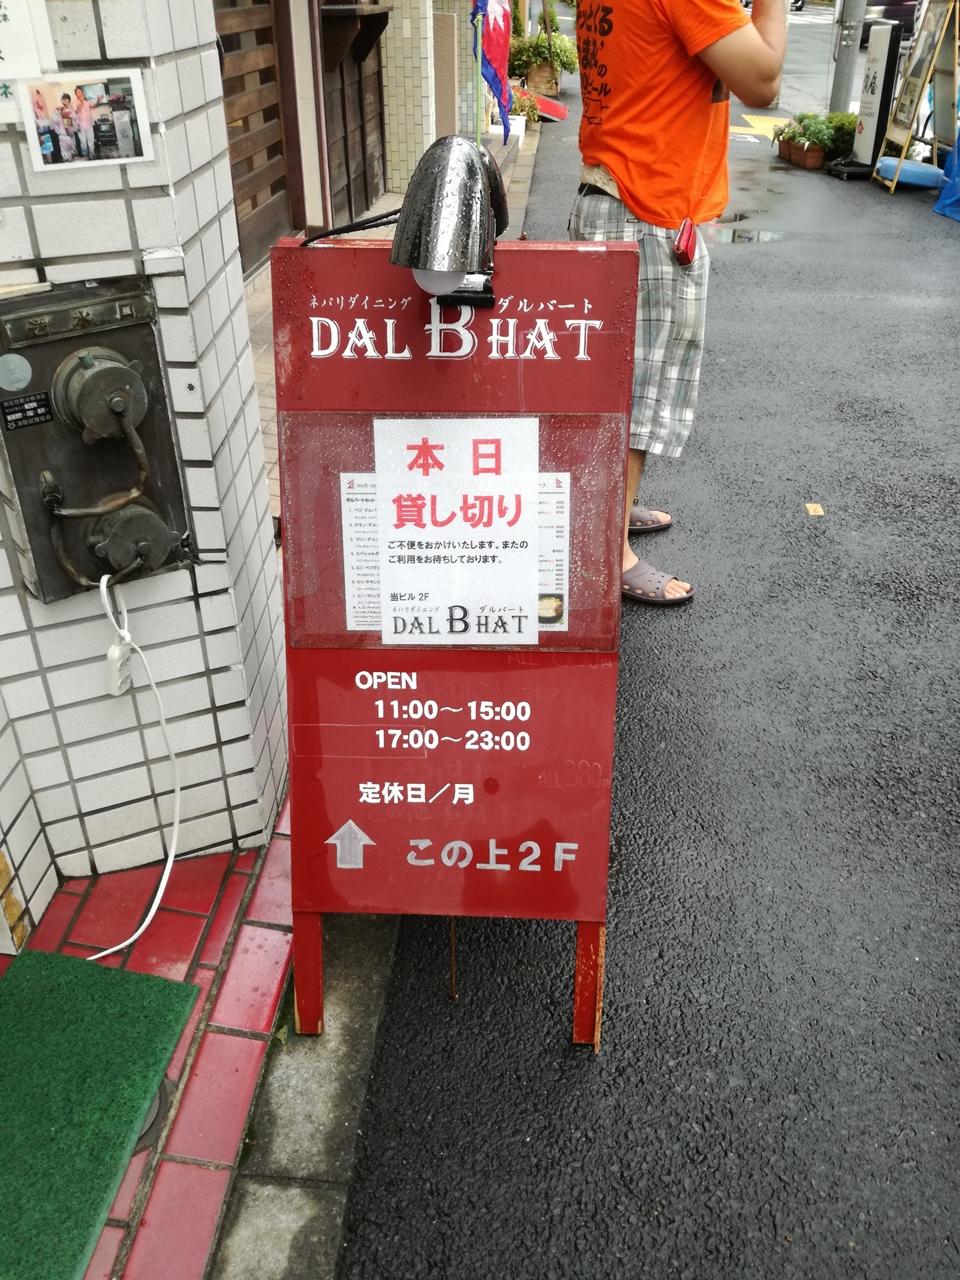 大塚のネパール料理・ダルバートへようこそ!